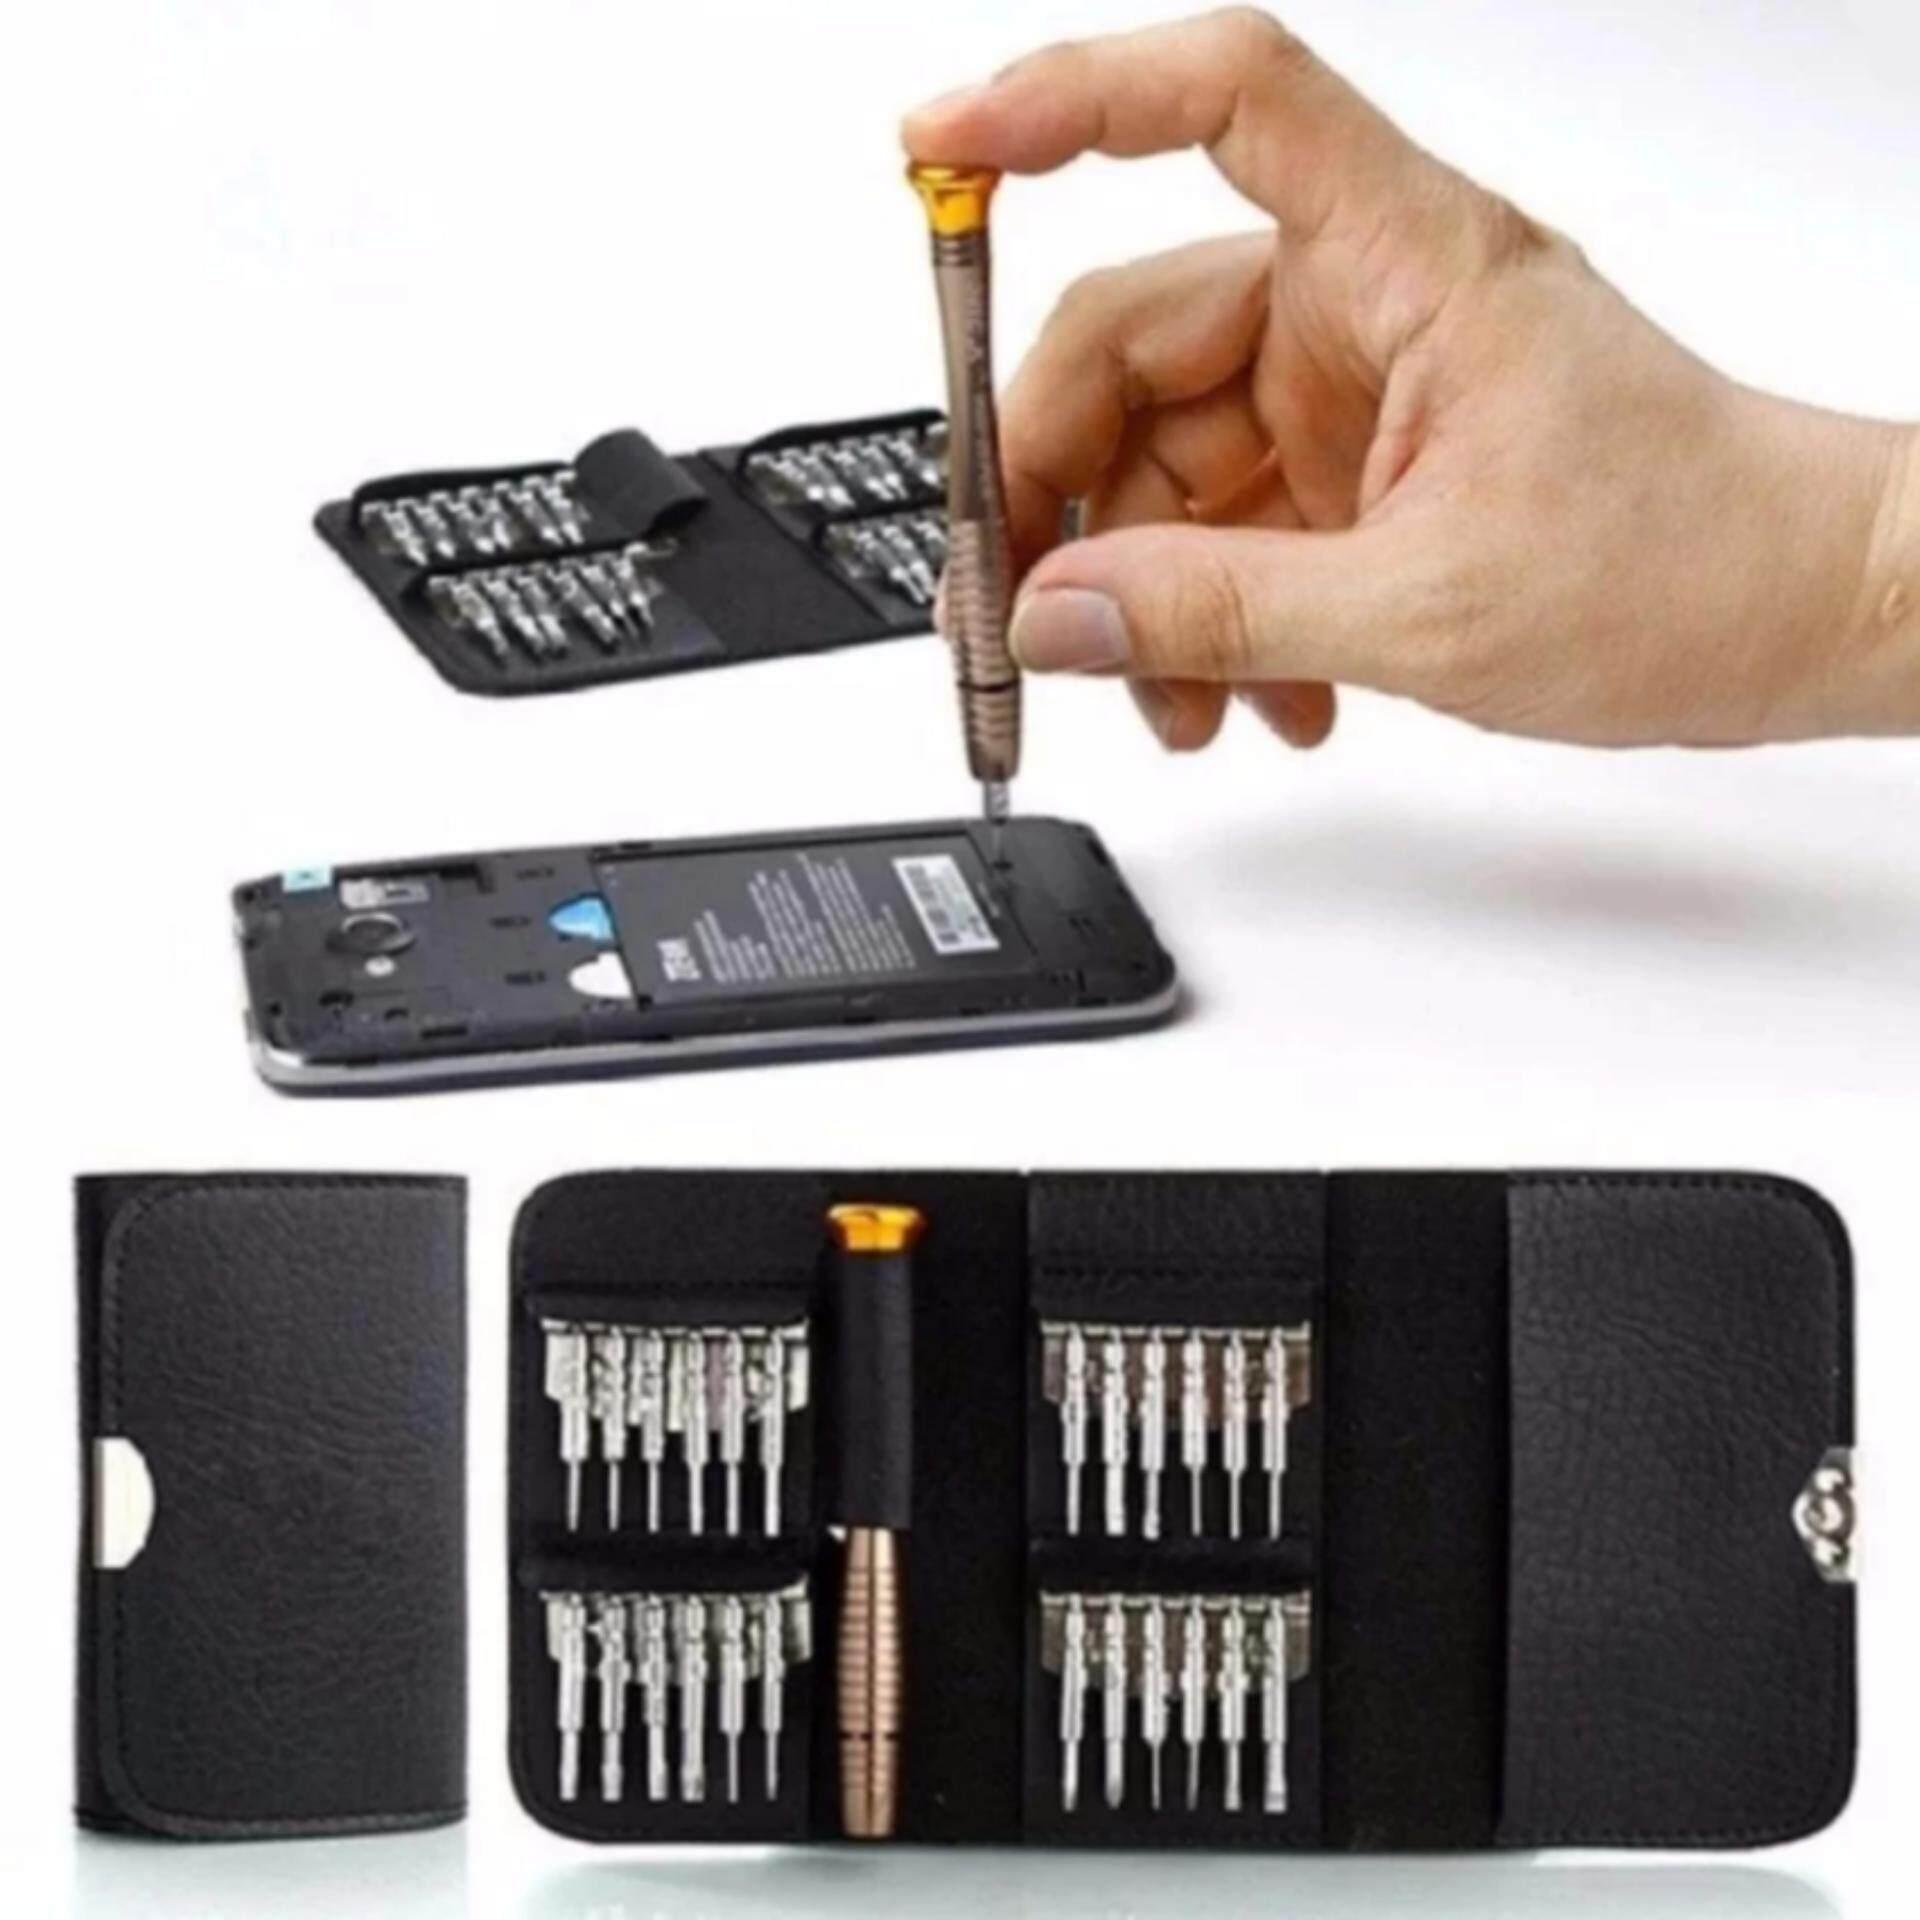 ราคา Friday ชุดไขควงเครื่องมือซ่อมเอนกประสงค์ สำหรับโทรศัพท์มือถือและอุปกรณ์ดิจิตอลทั่วไป 1 ชุด มี 25 ชิ้น ออนไลน์